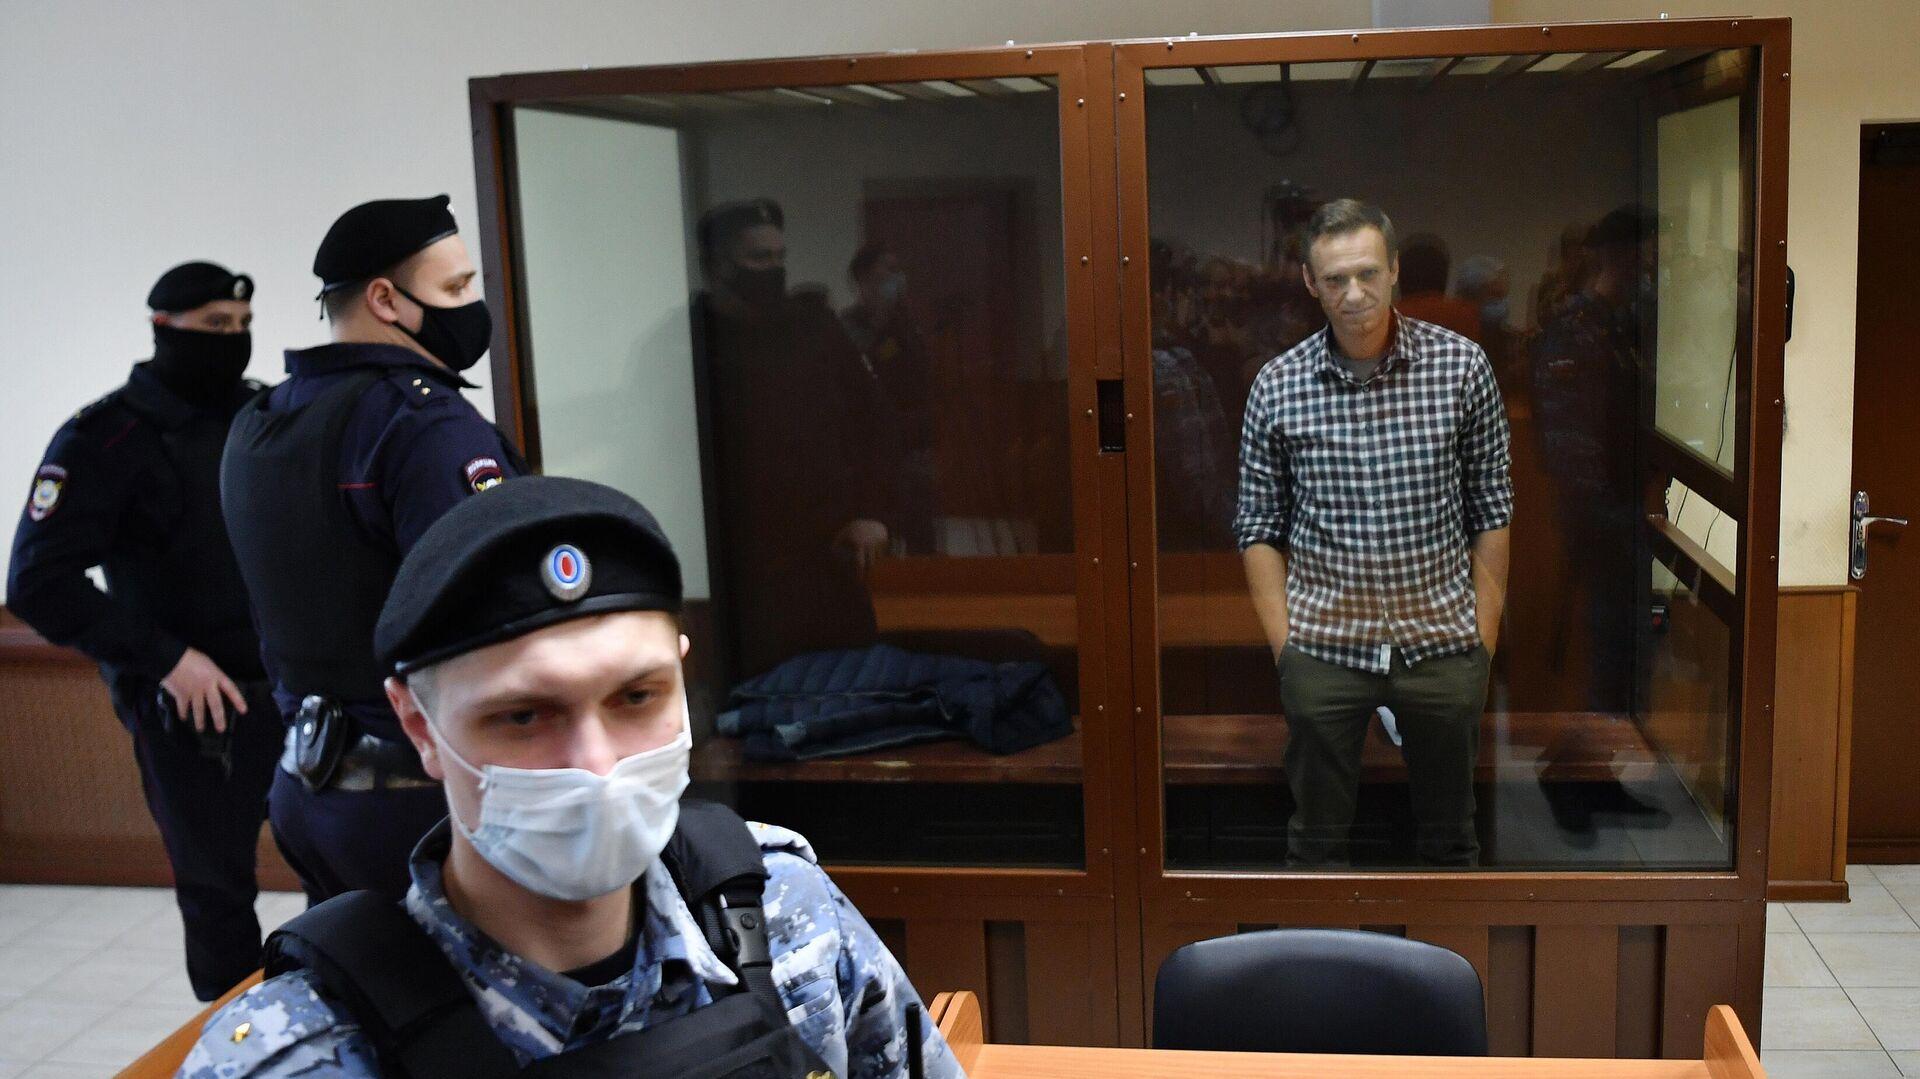 Алексей Навальный в зале Бабушкинского районного суда - РИА Новости, 1920, 04.03.2021